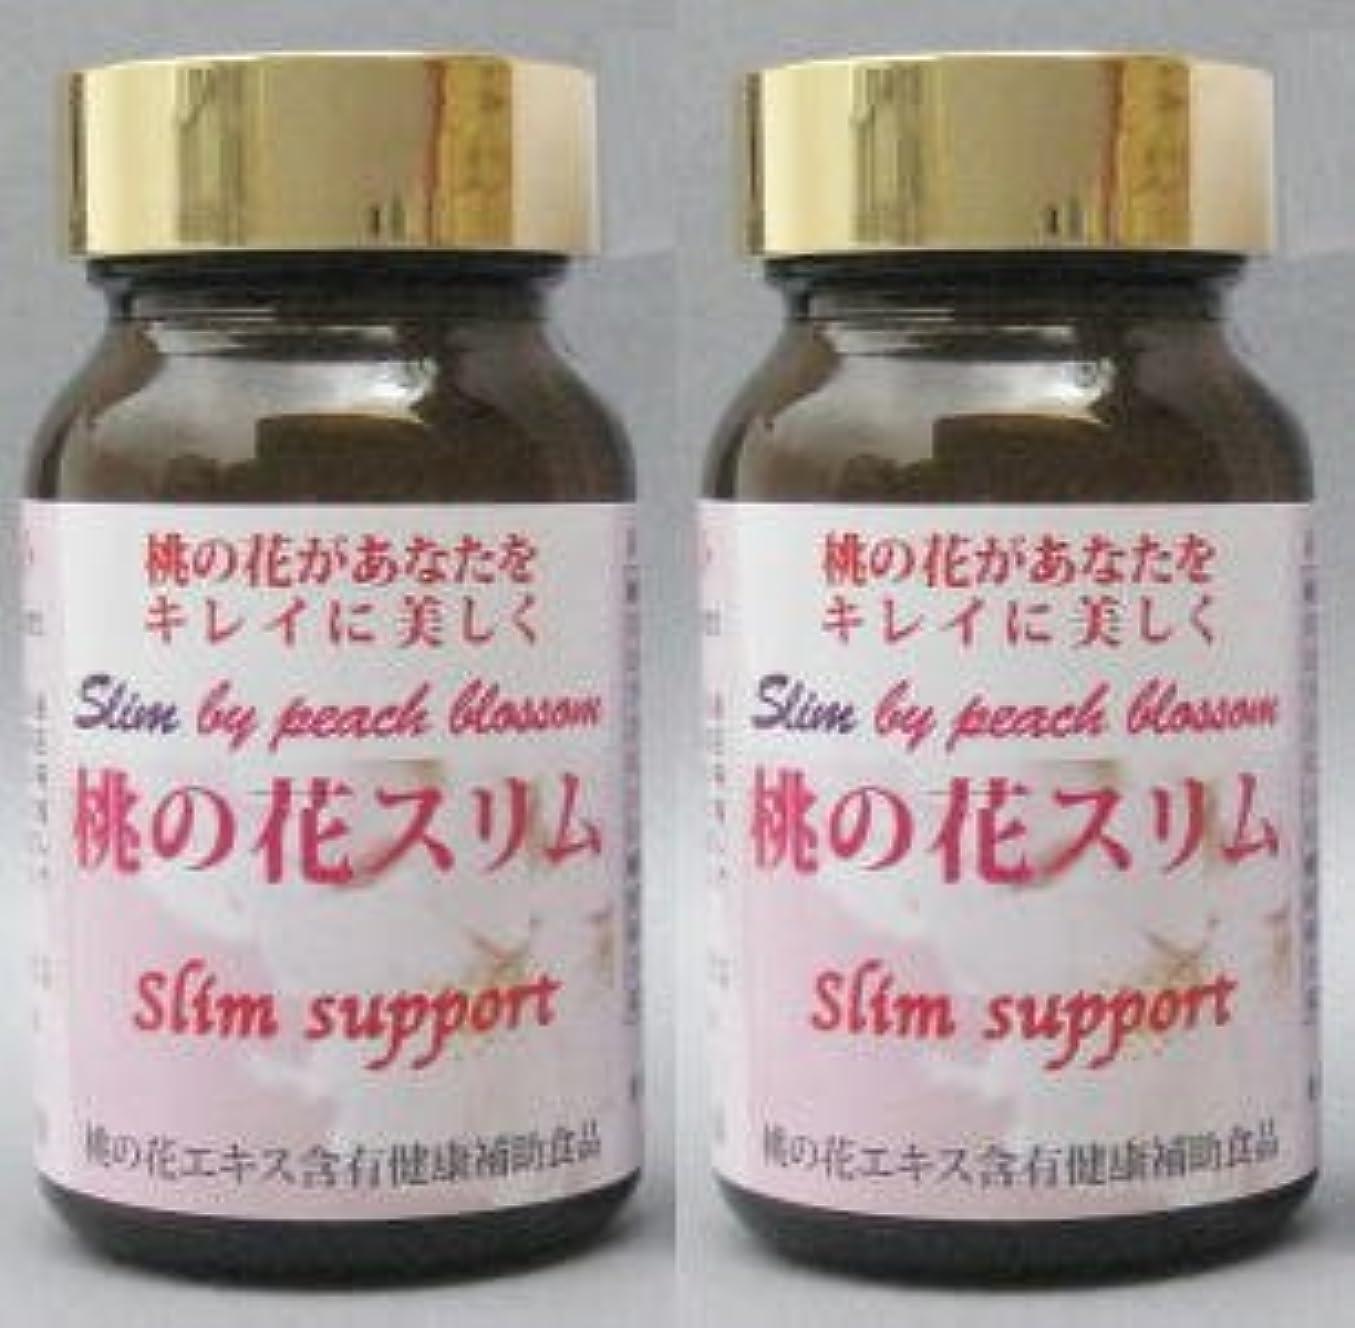 官僚糞複雑Slim support 桃の花エキス含有健康補助食品 桃の花スリム 200mg×180粒 2箱